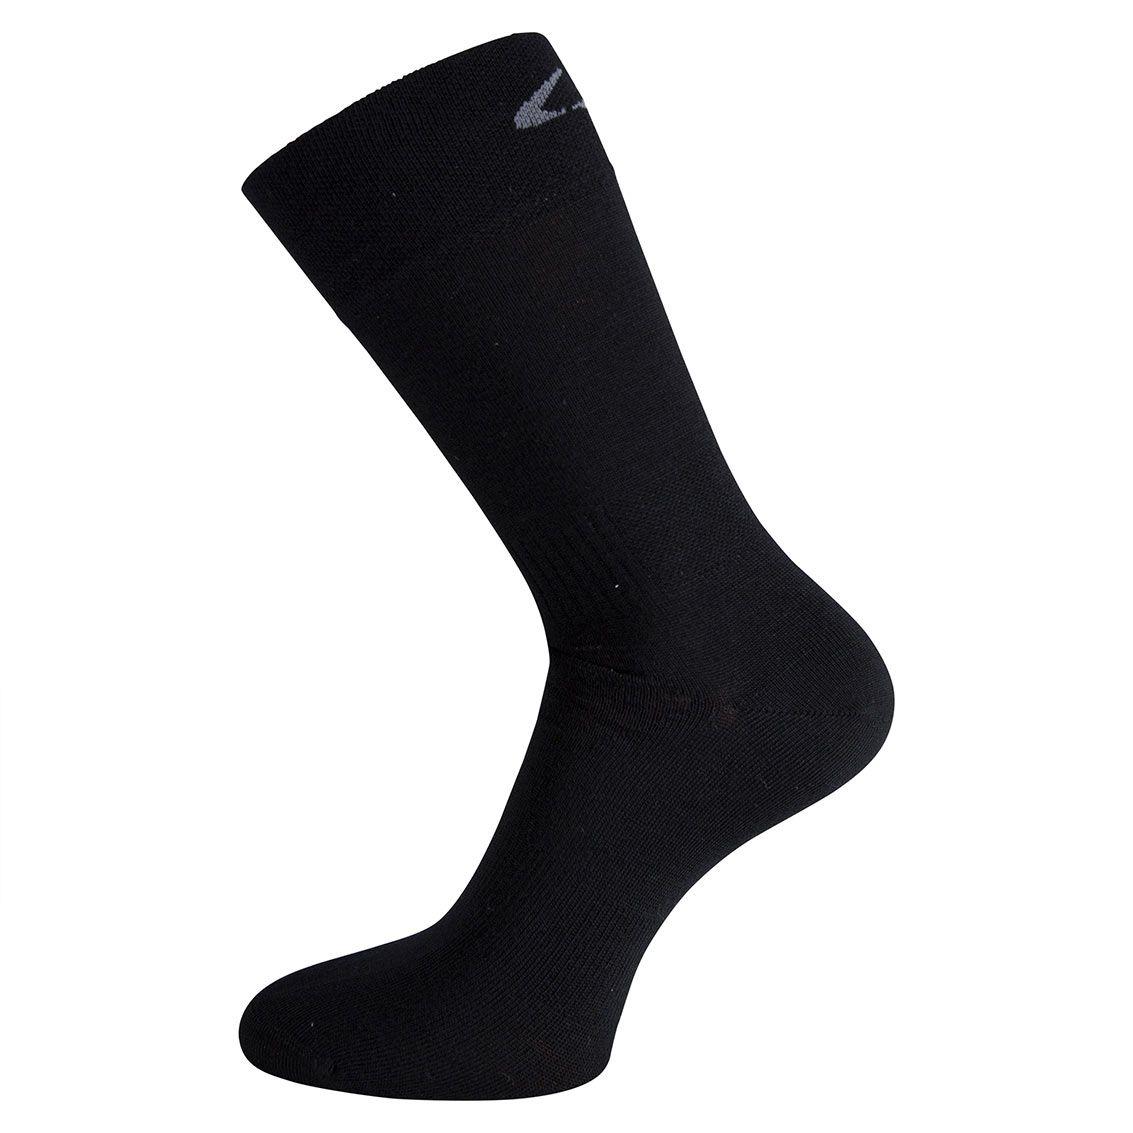 Ulvang Liner Merinould Sokker - Sort Str. 34-36 | Socks